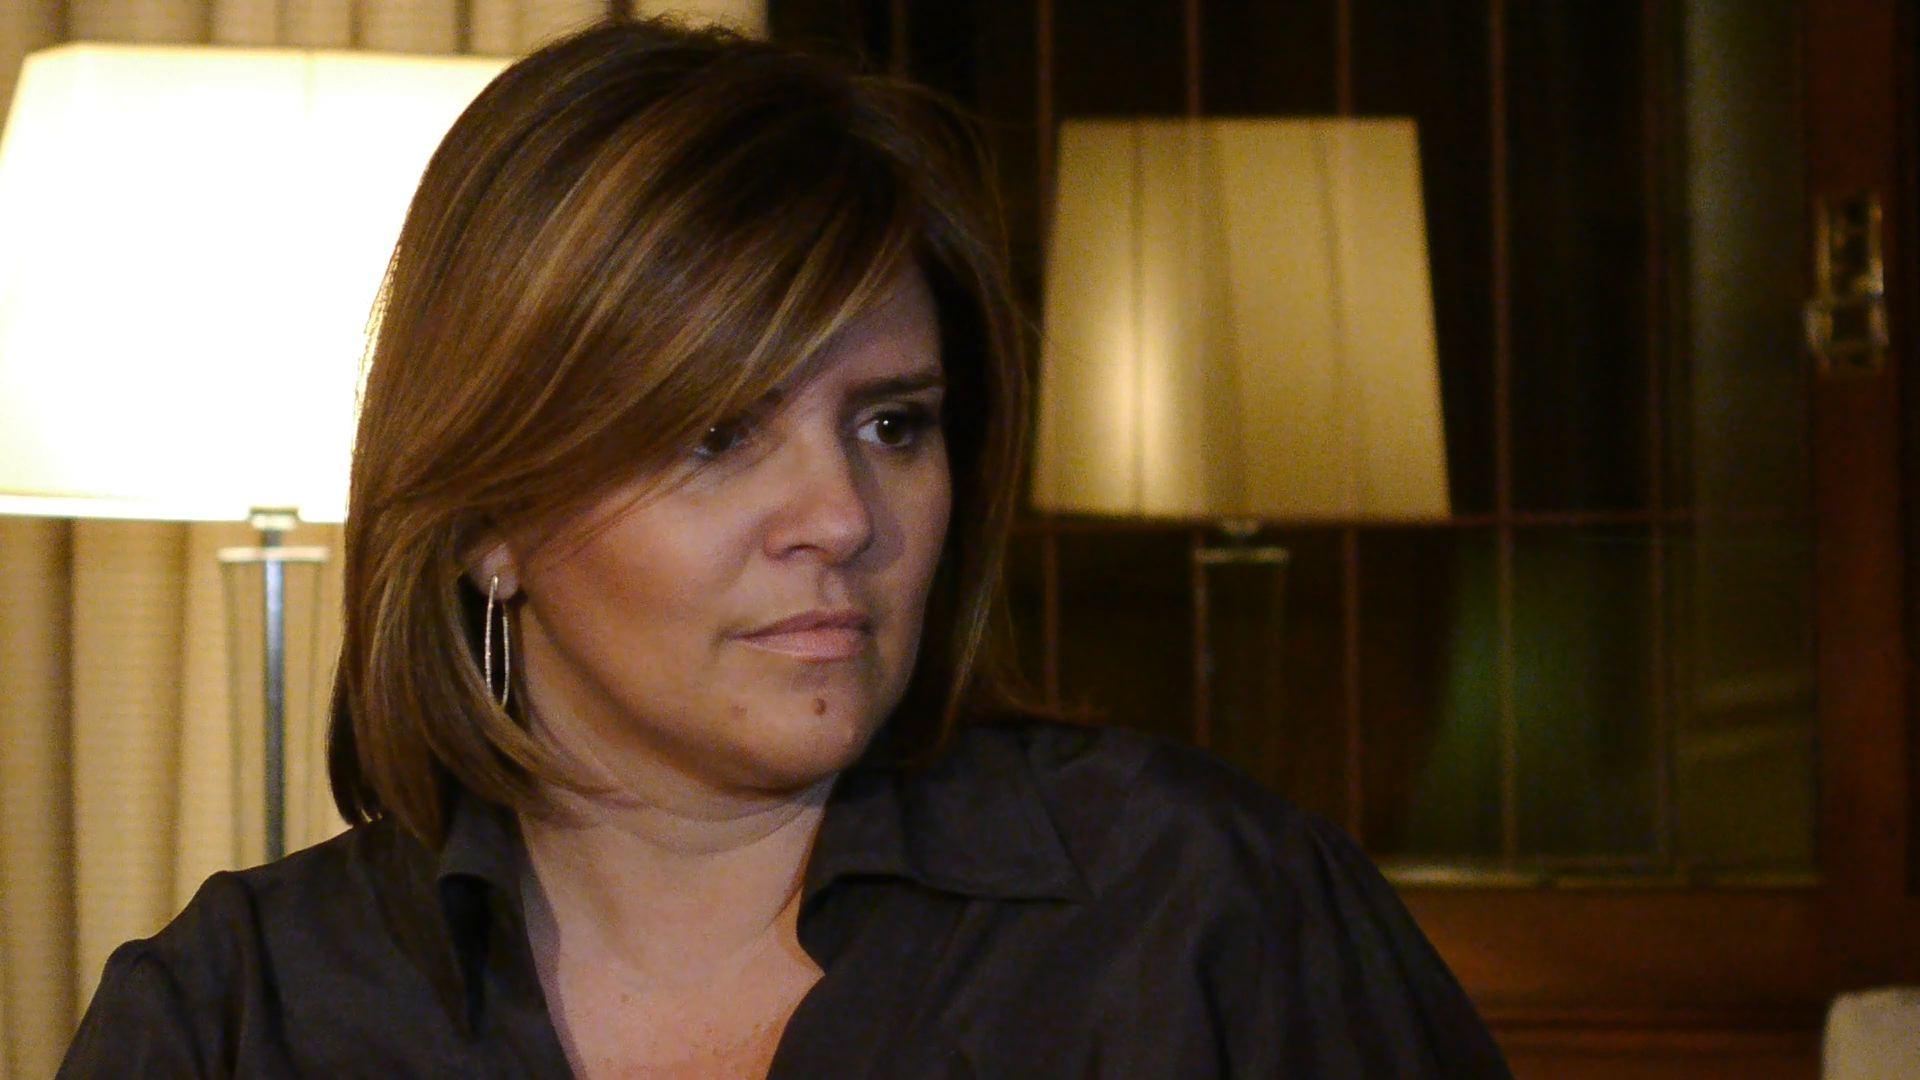 Fernanda Barata Silva Brasil